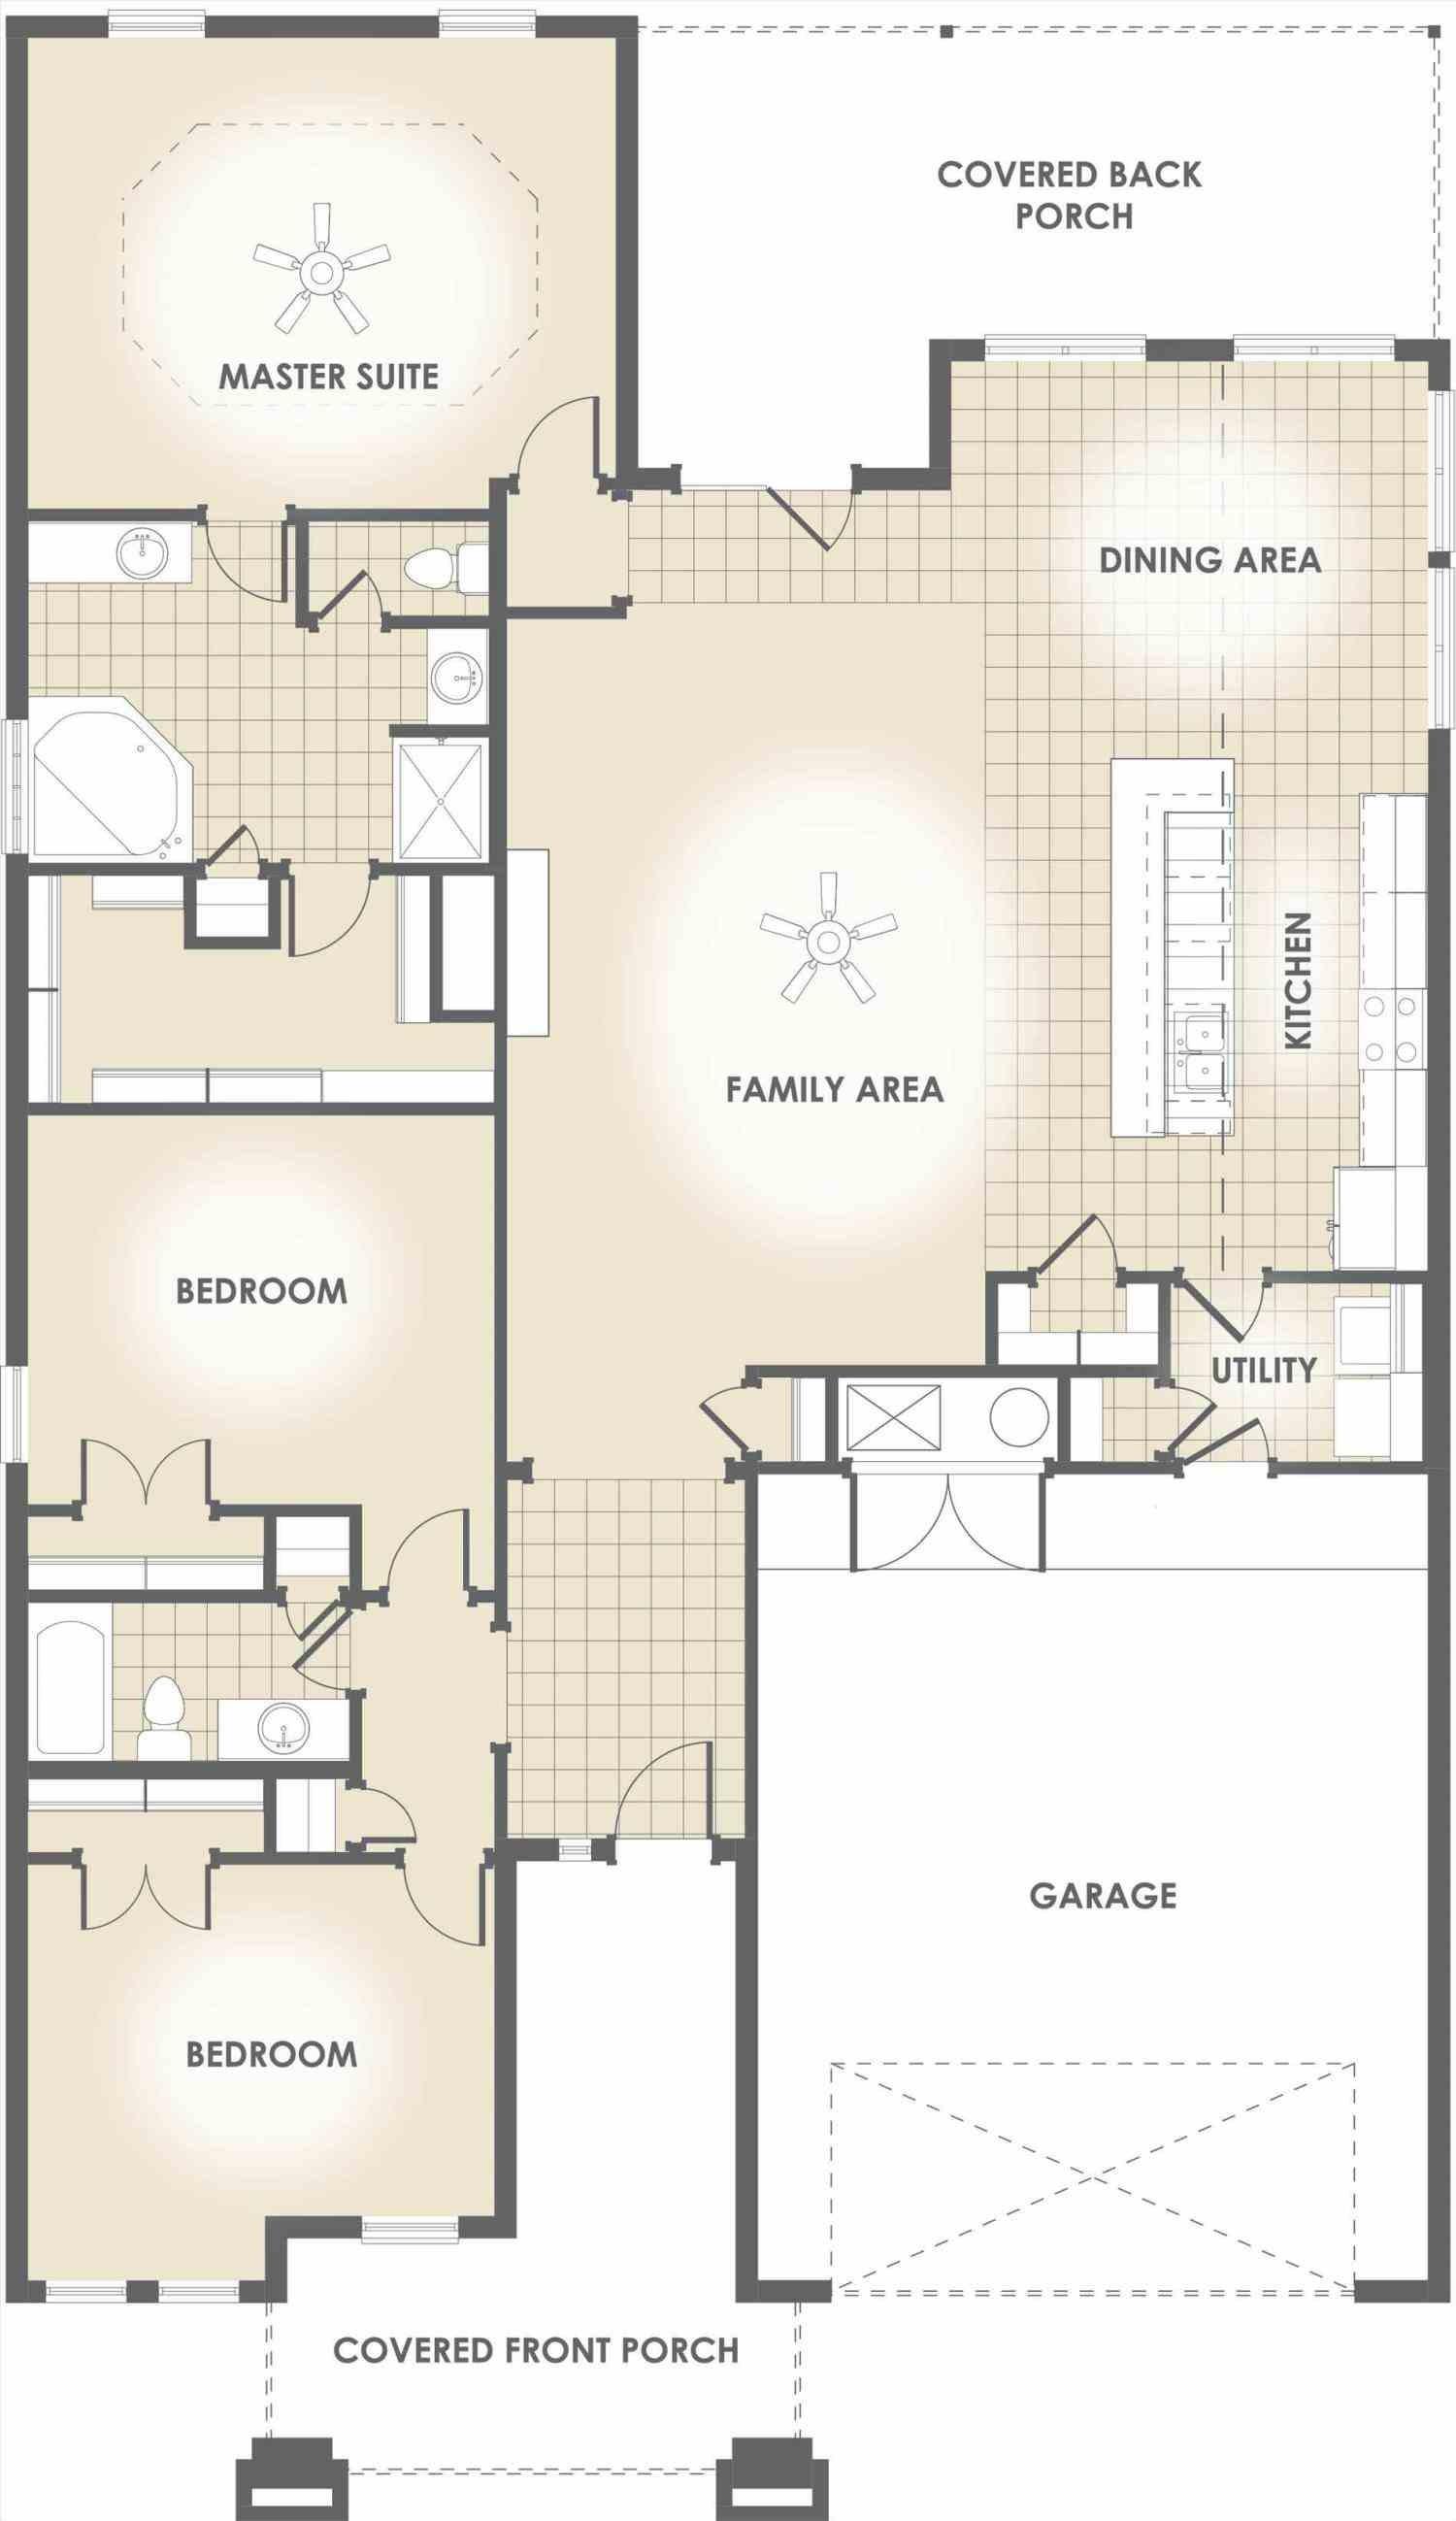 Best Kitchen Gallery: Unique 8x8 Bathroom Layout Model Bathroom Design Ideas Gallery of 8x8 Bathroom Floor Plans on rachelxblog.com